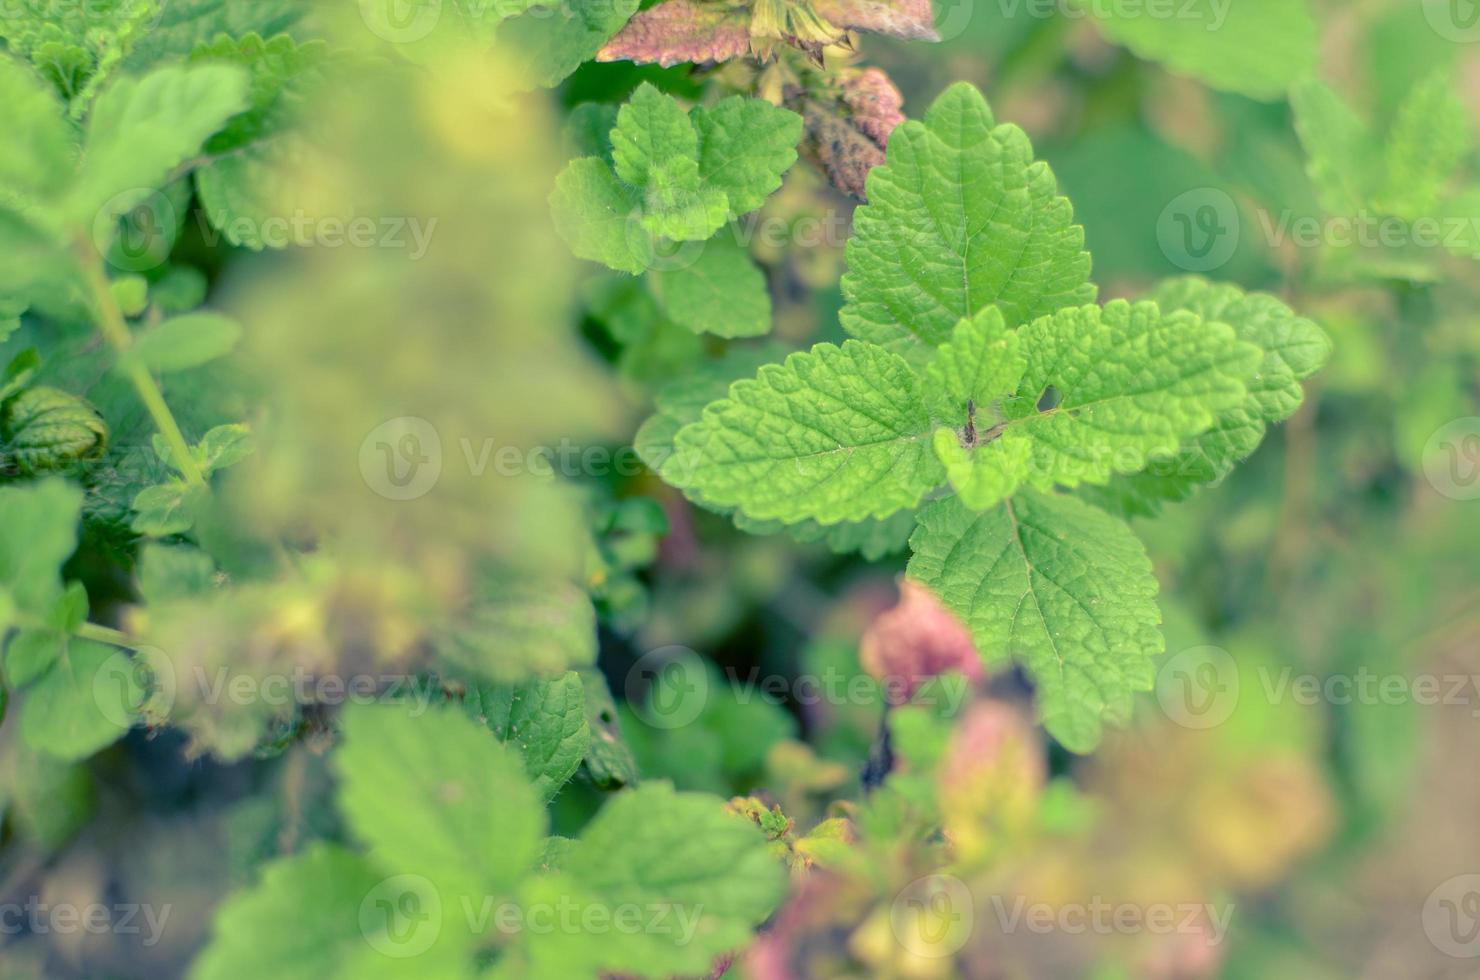 närbild av levande grön färsk mynta växt foto